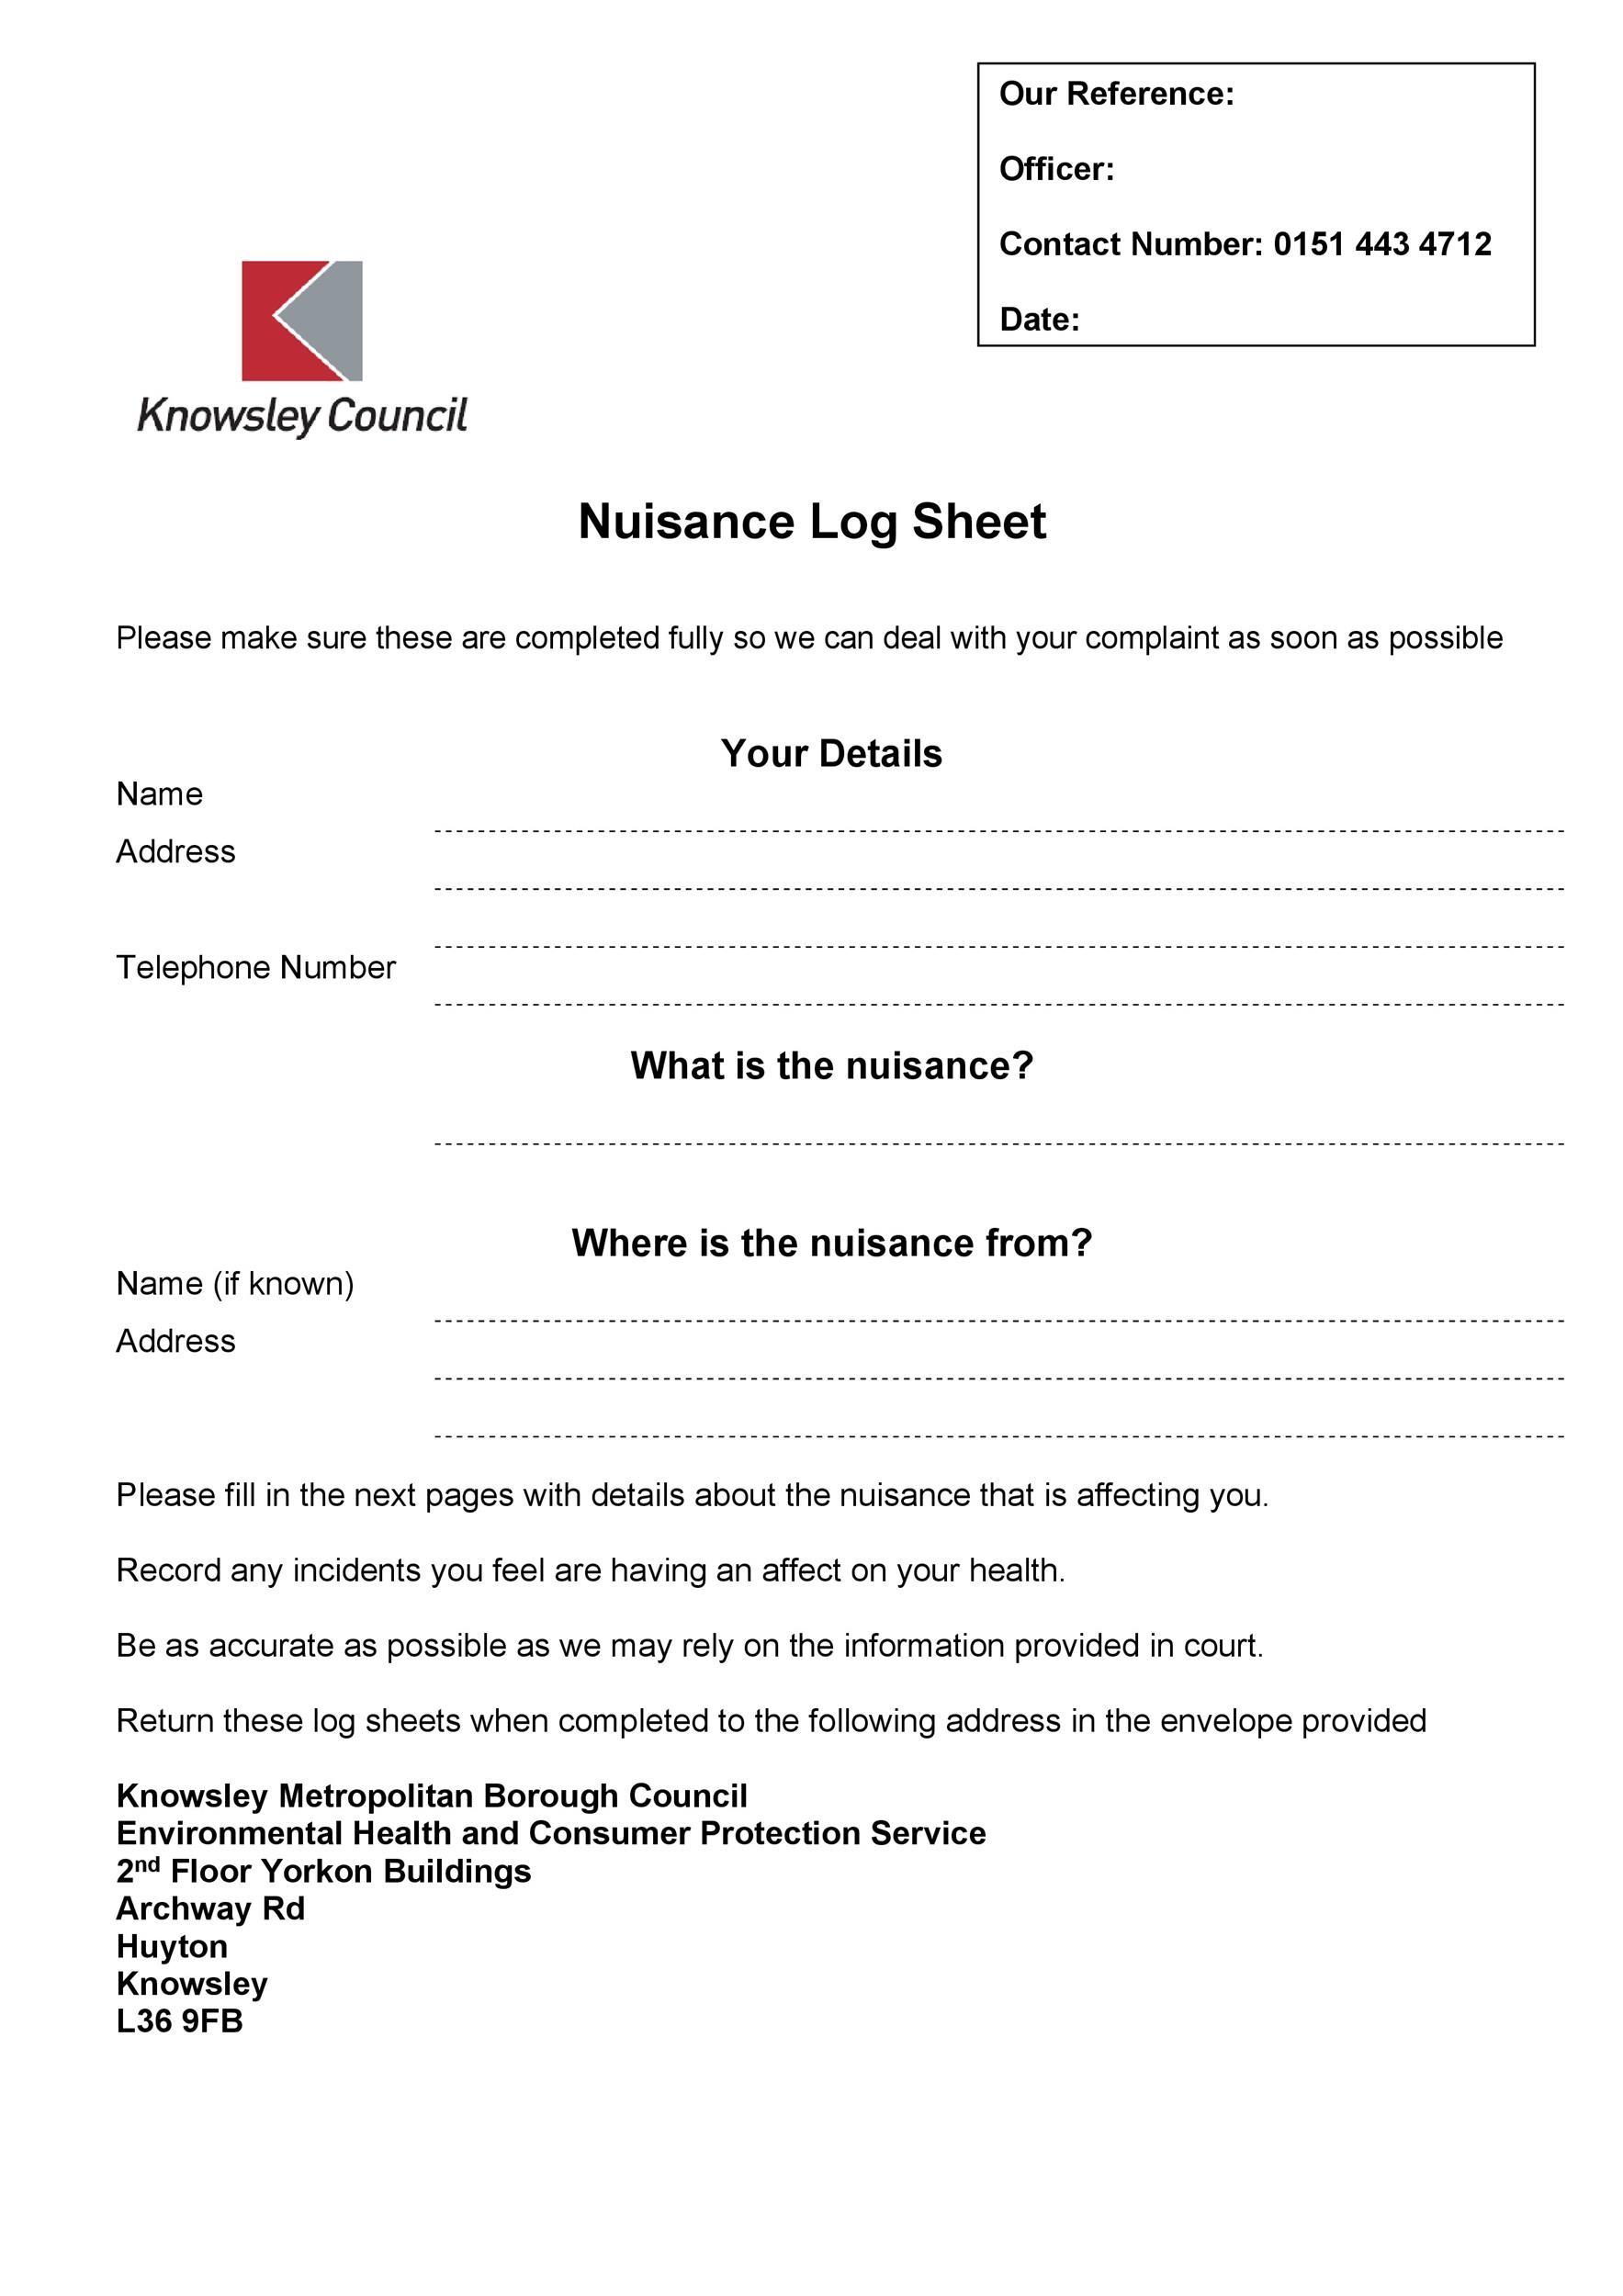 Free log sheet 22